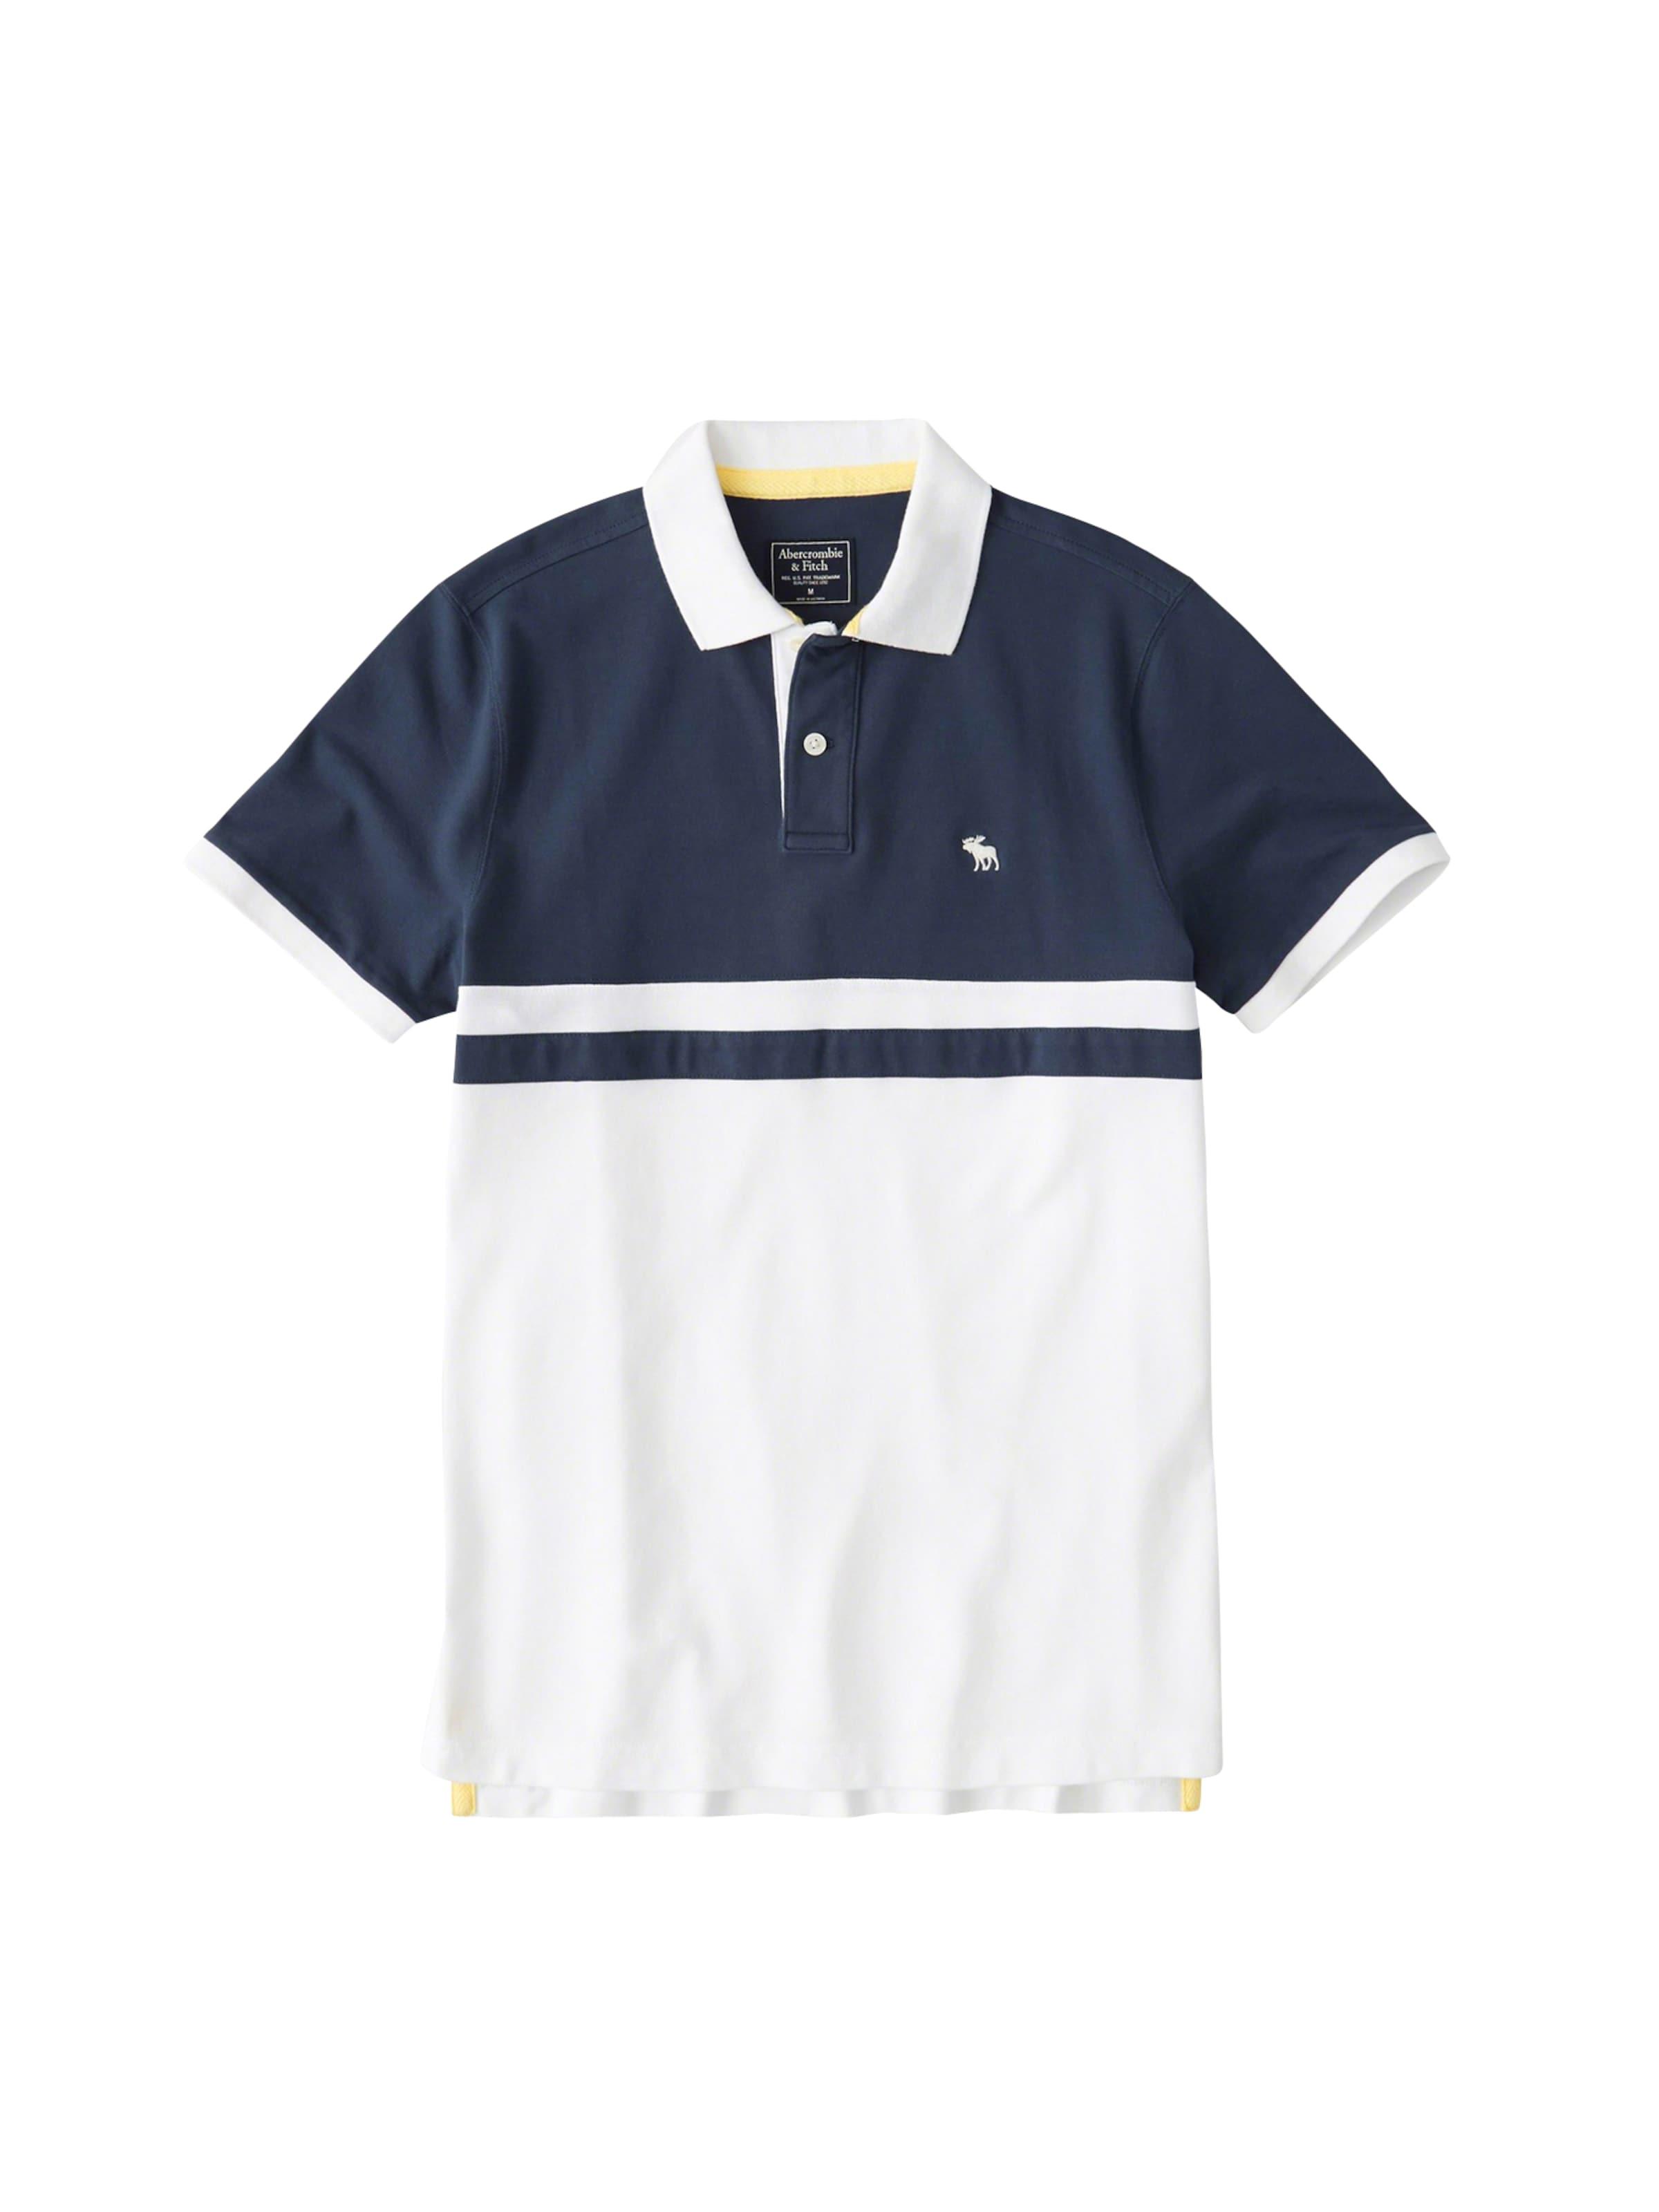 'dtc Bleu Abercrombieamp; shirt En T MarineBlanc Buoy' Fitch Ok0Pnw